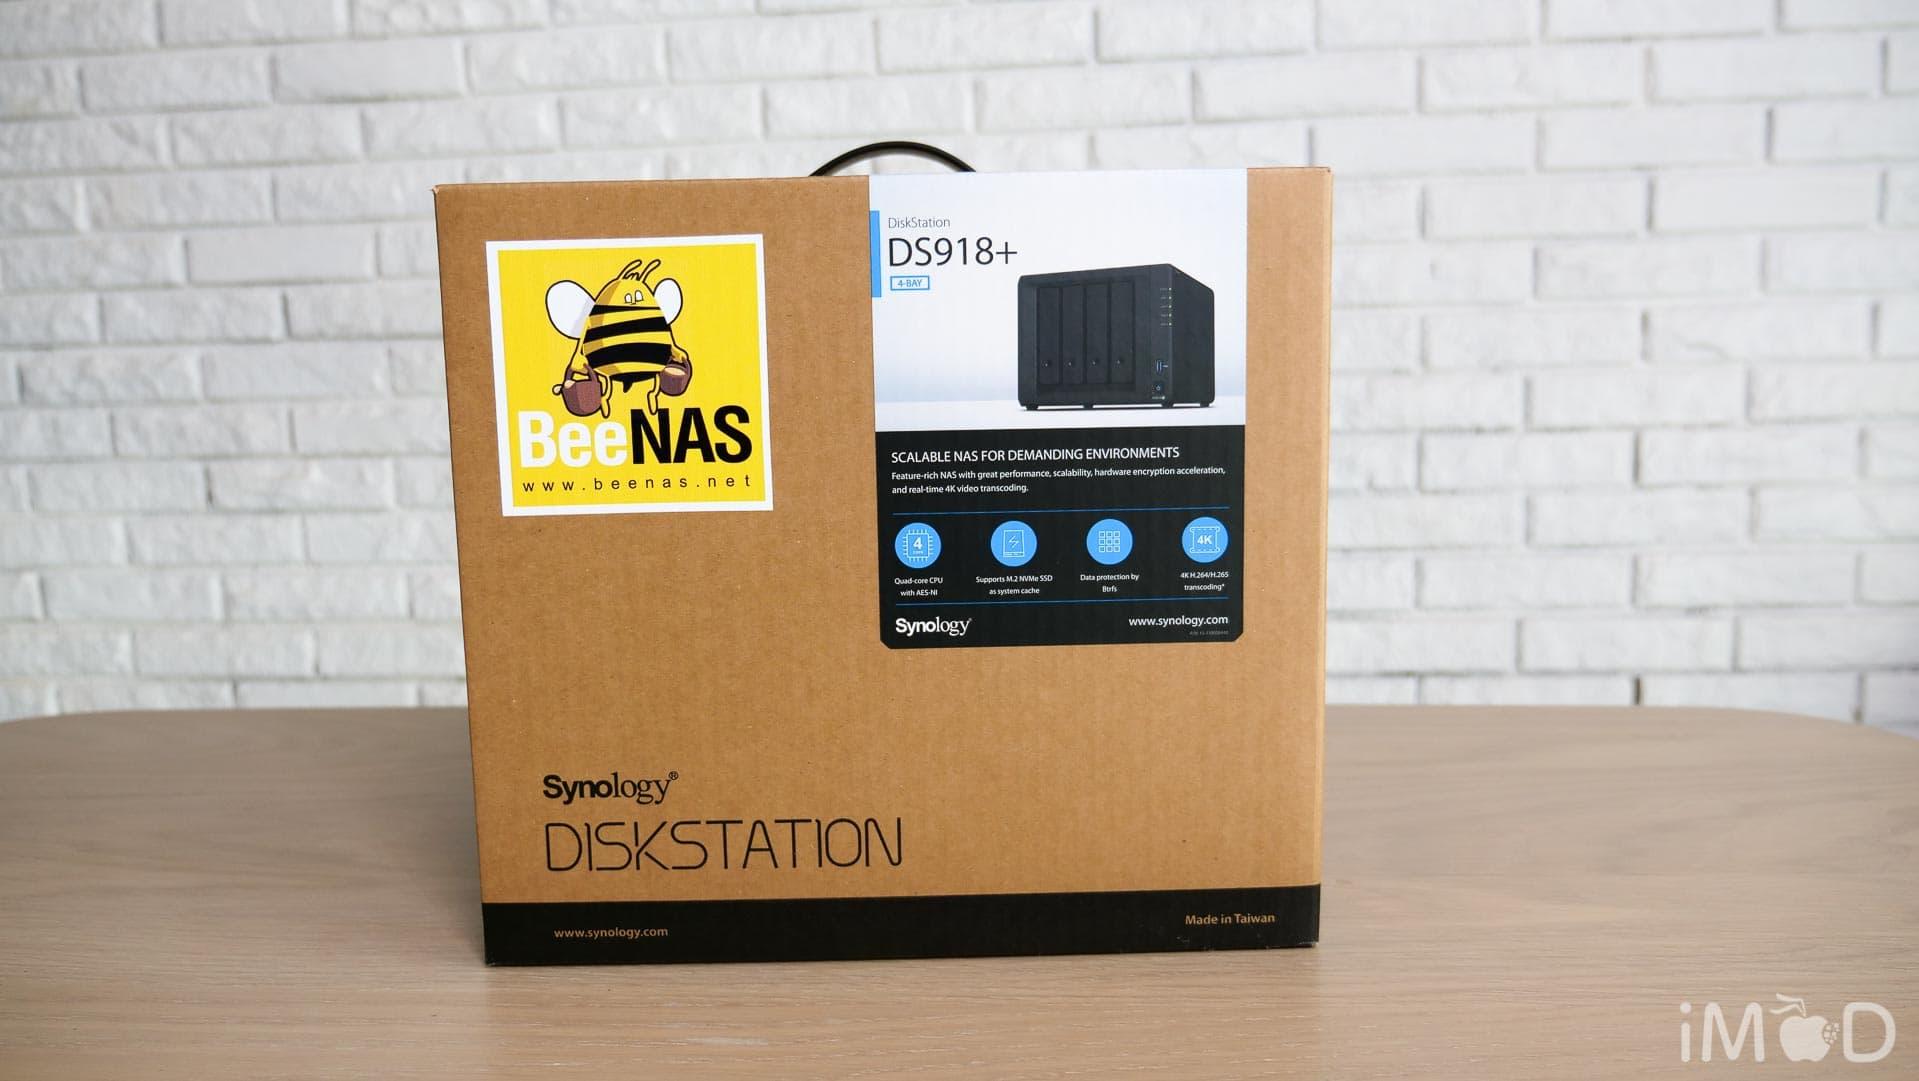 พรีวิว Synology DS918+ NAS ตัวแรงด้วย CPU Quad-core และ RAM 4GB